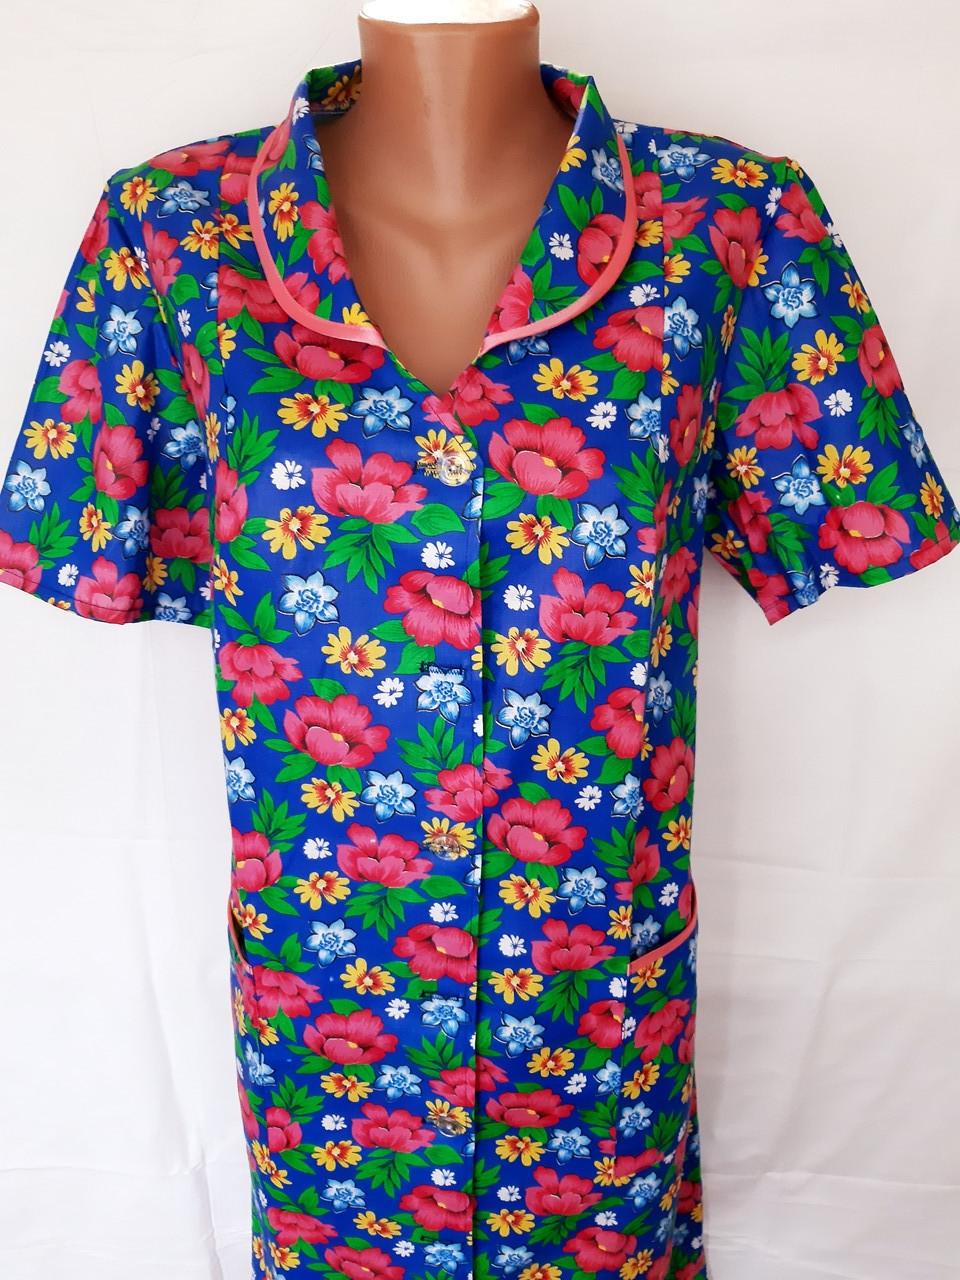 Летний халат с коротким рукавом 62 размер Розовые цветы